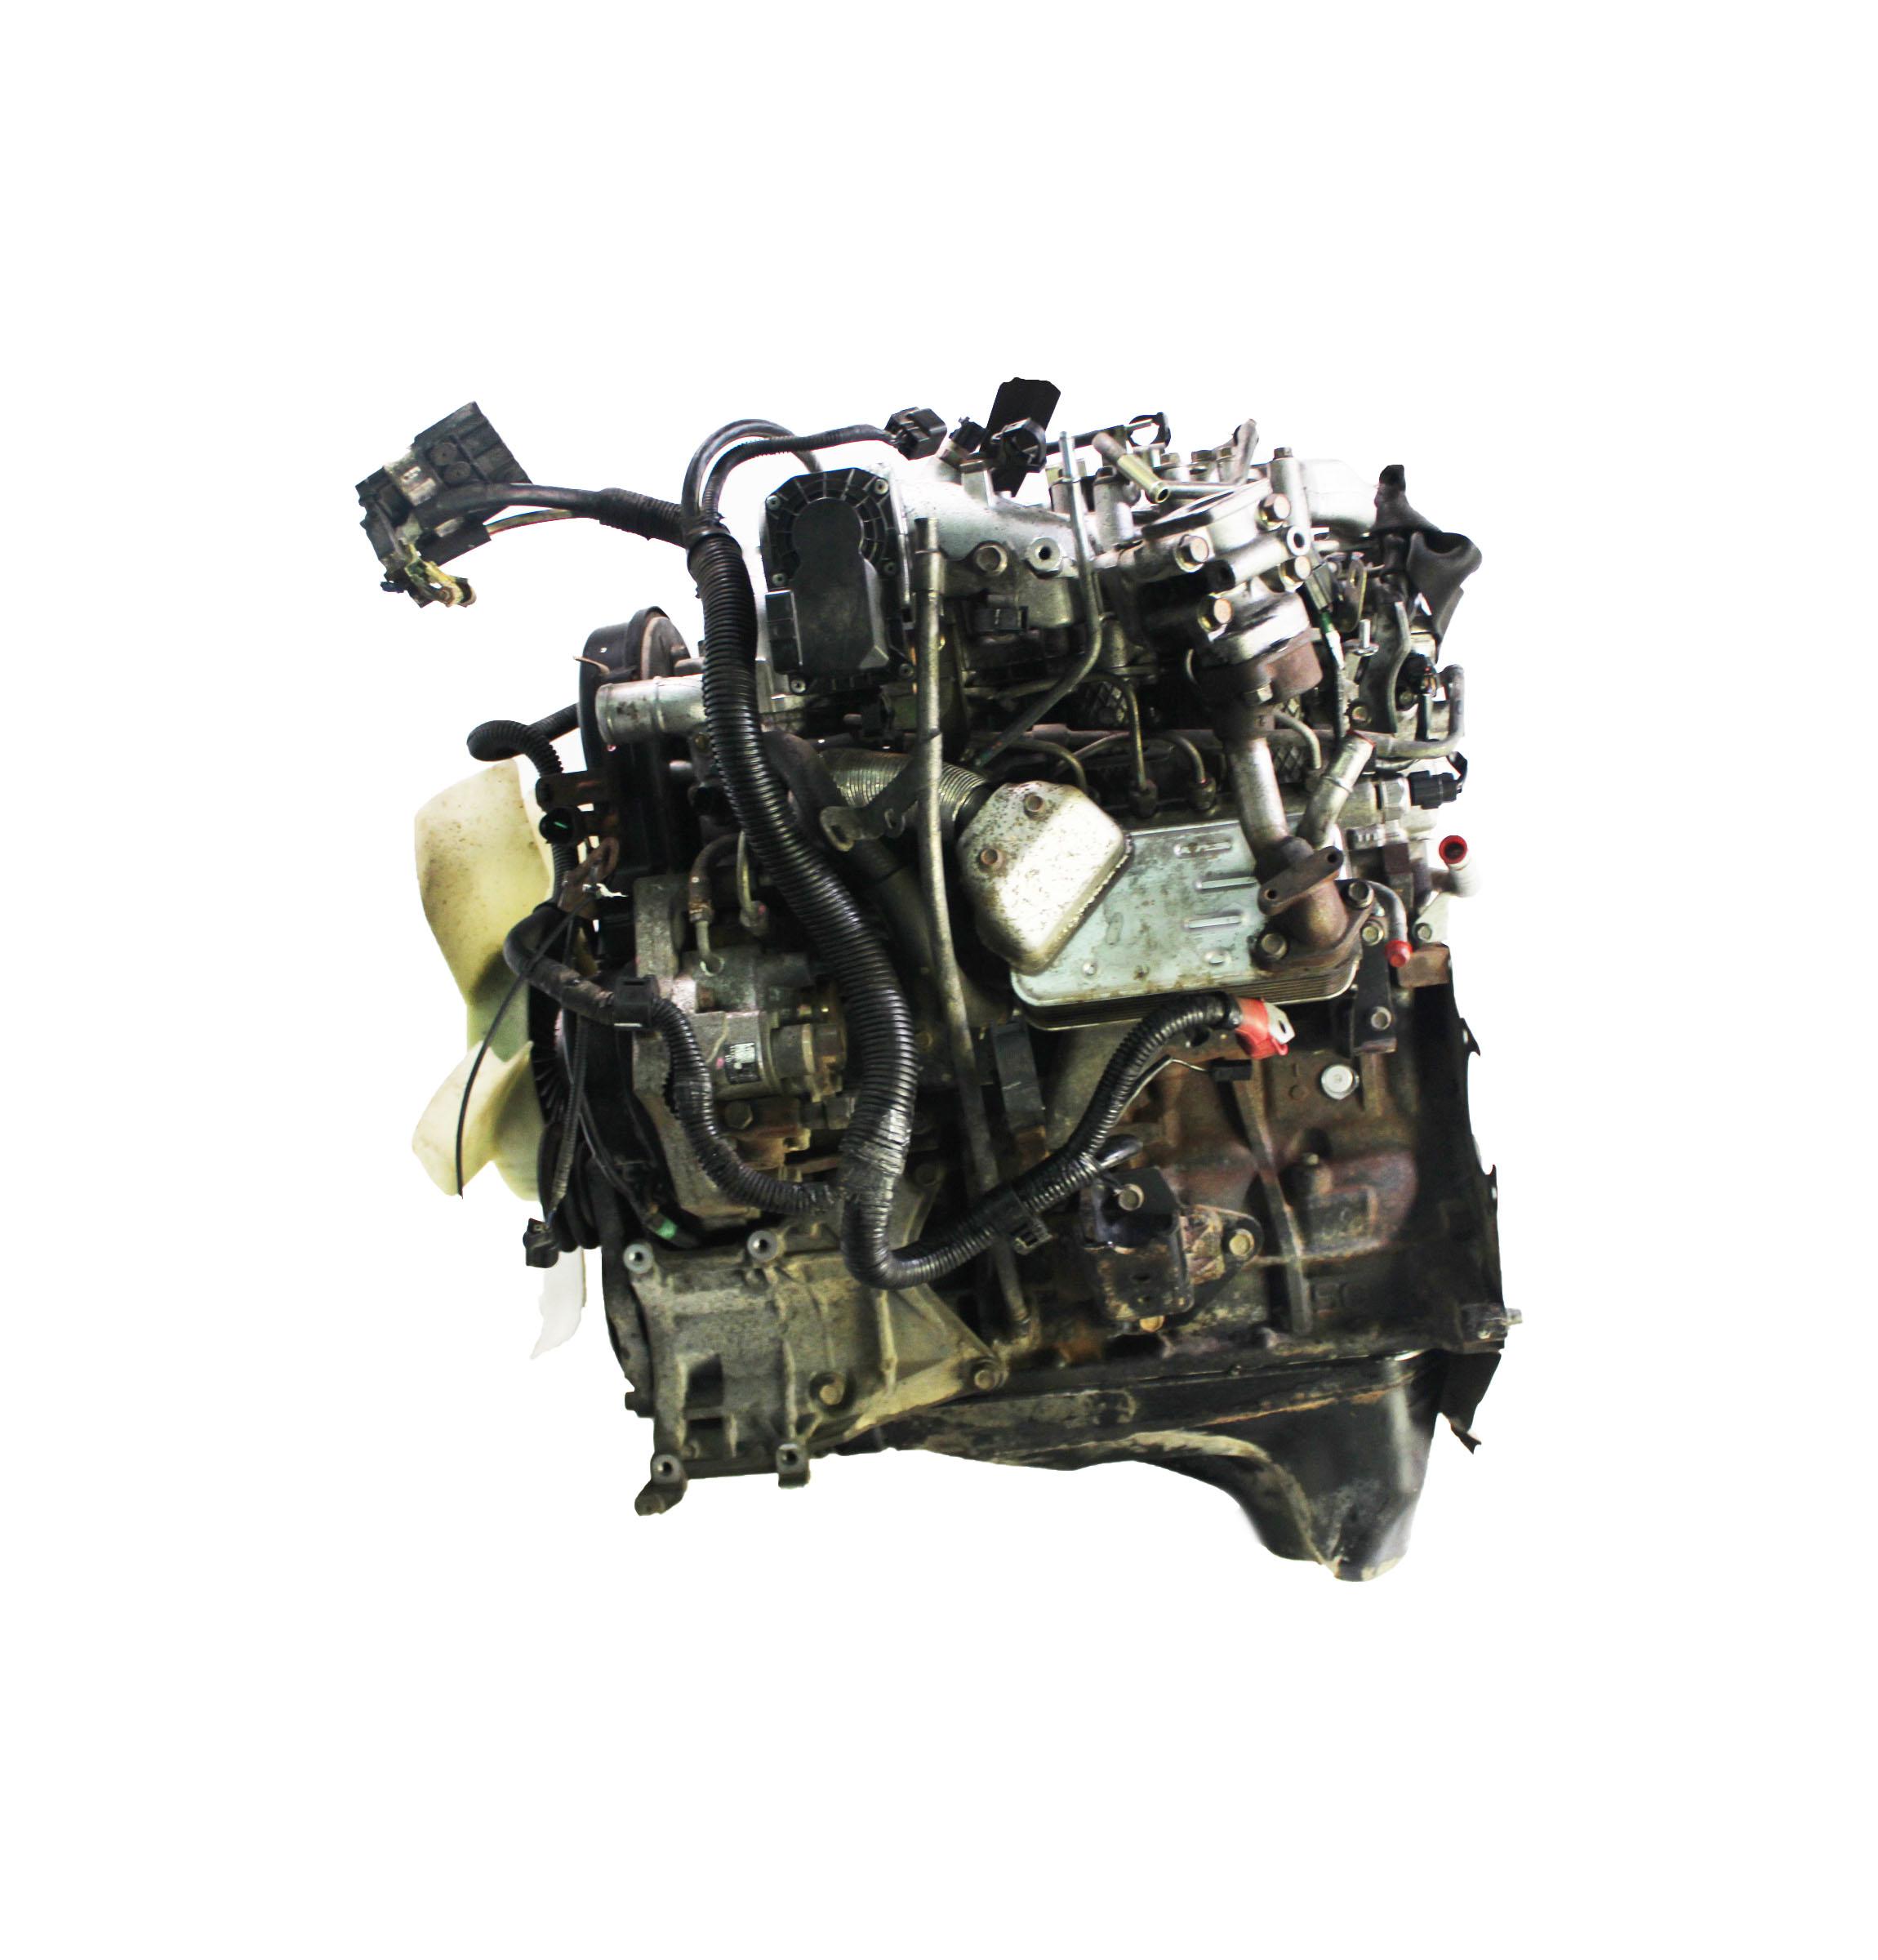 Motor 2006 für Mitsubishi L200 K7 2,5 TD 4WD Diesel 4D56T 4D56U 4D56 133 PS